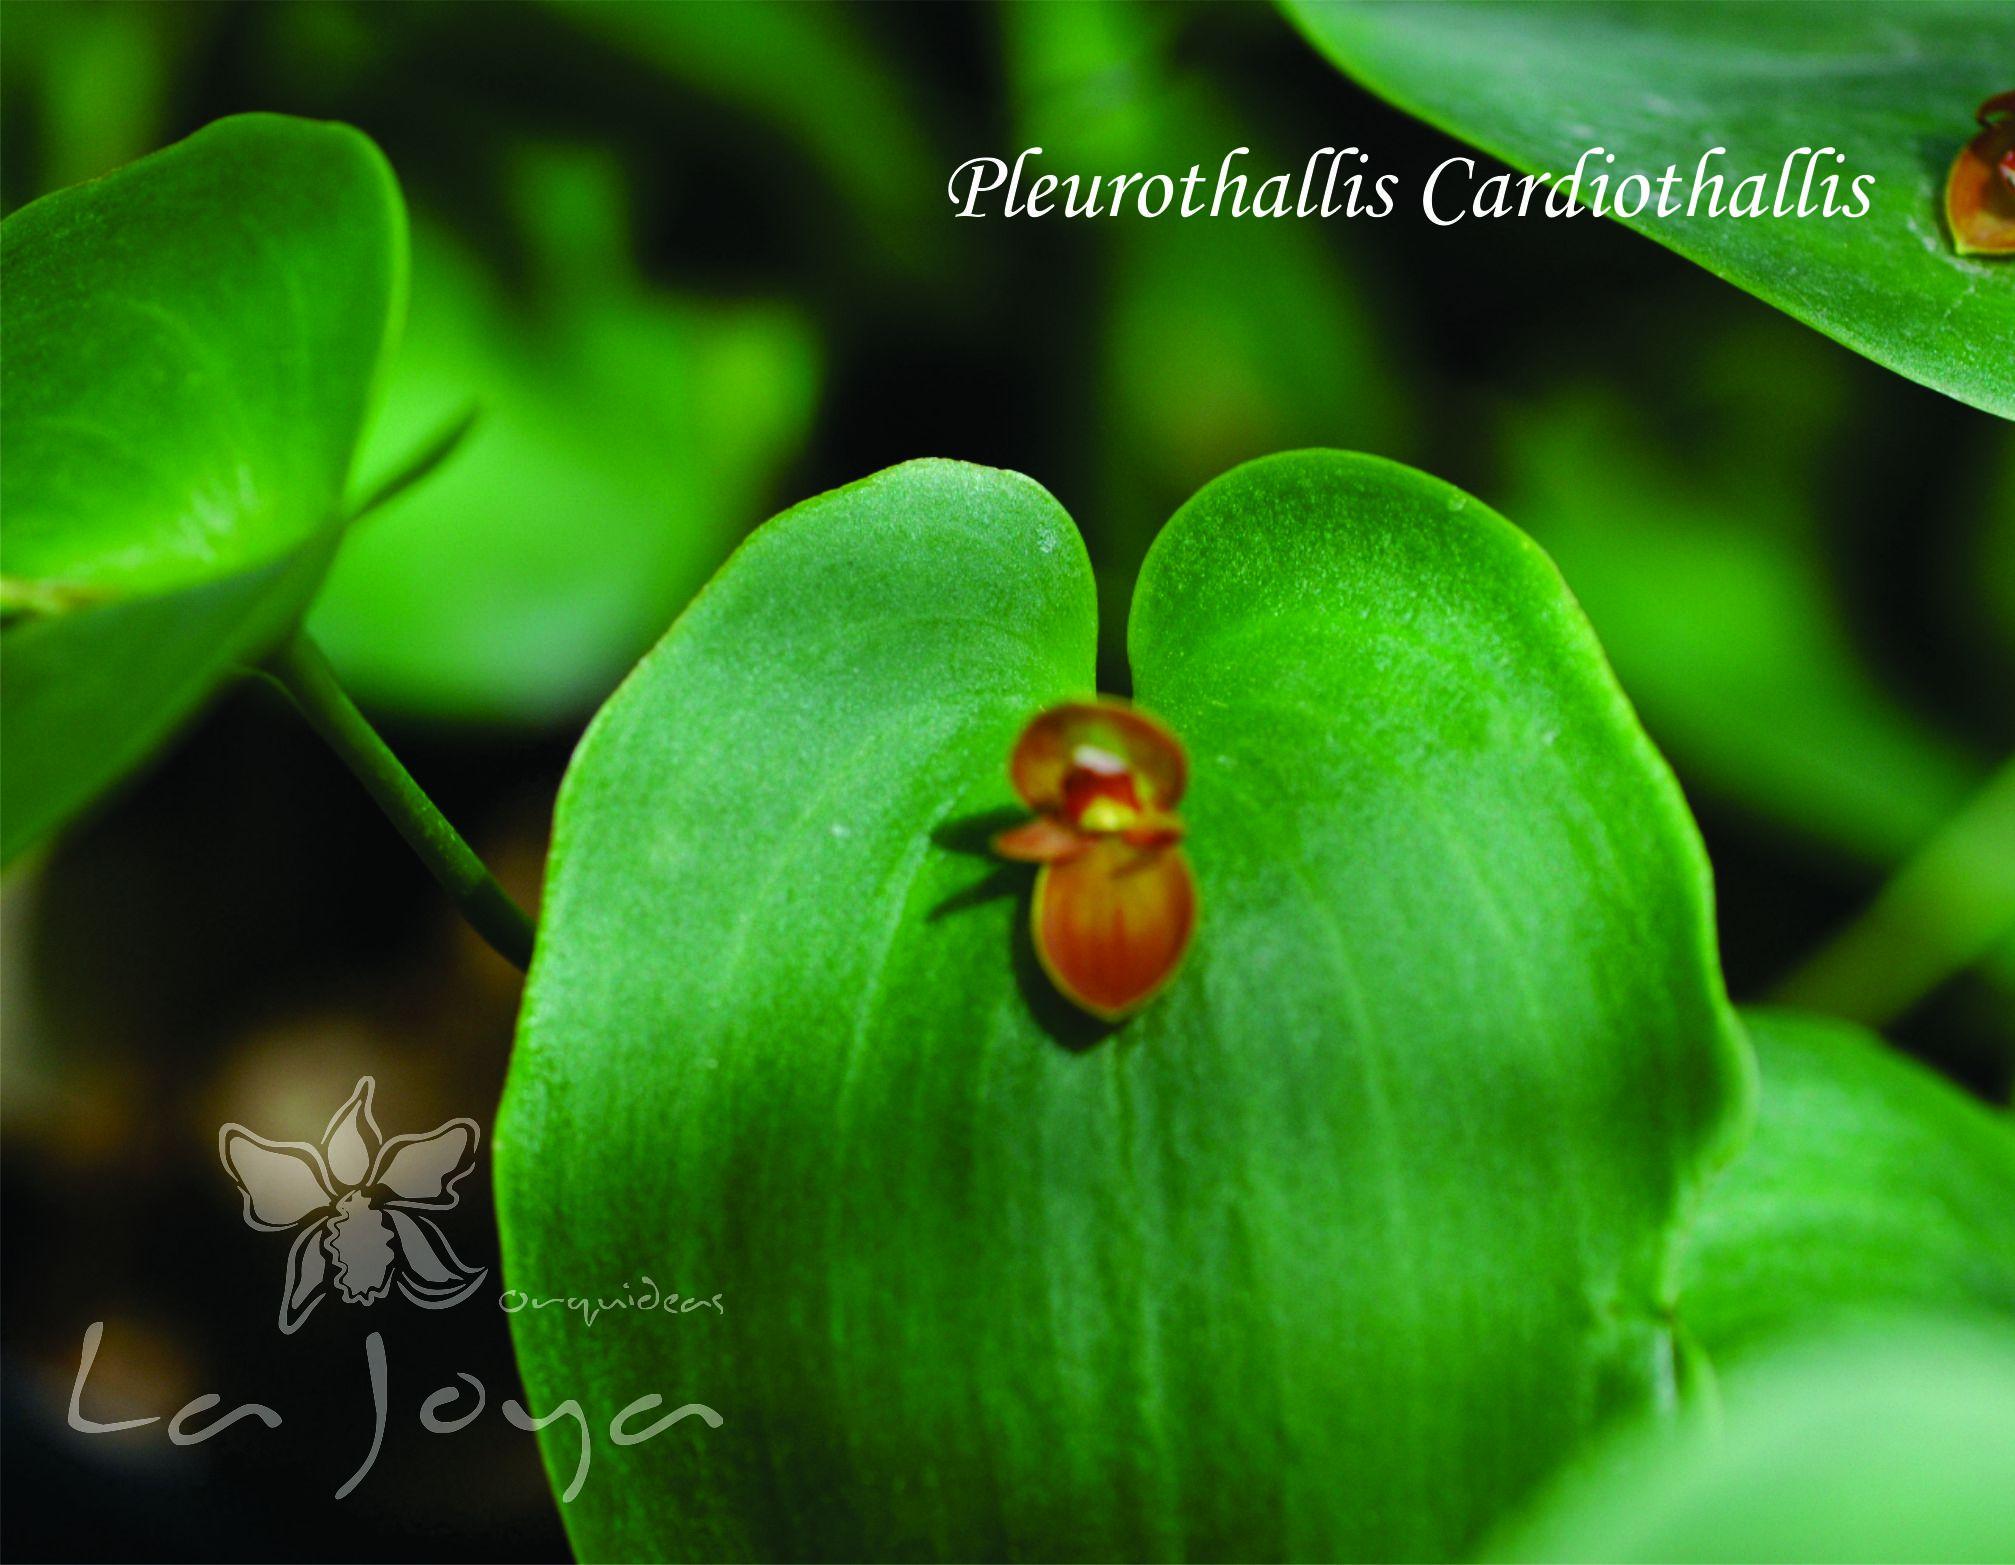 Pleurothallis Cardiothallis